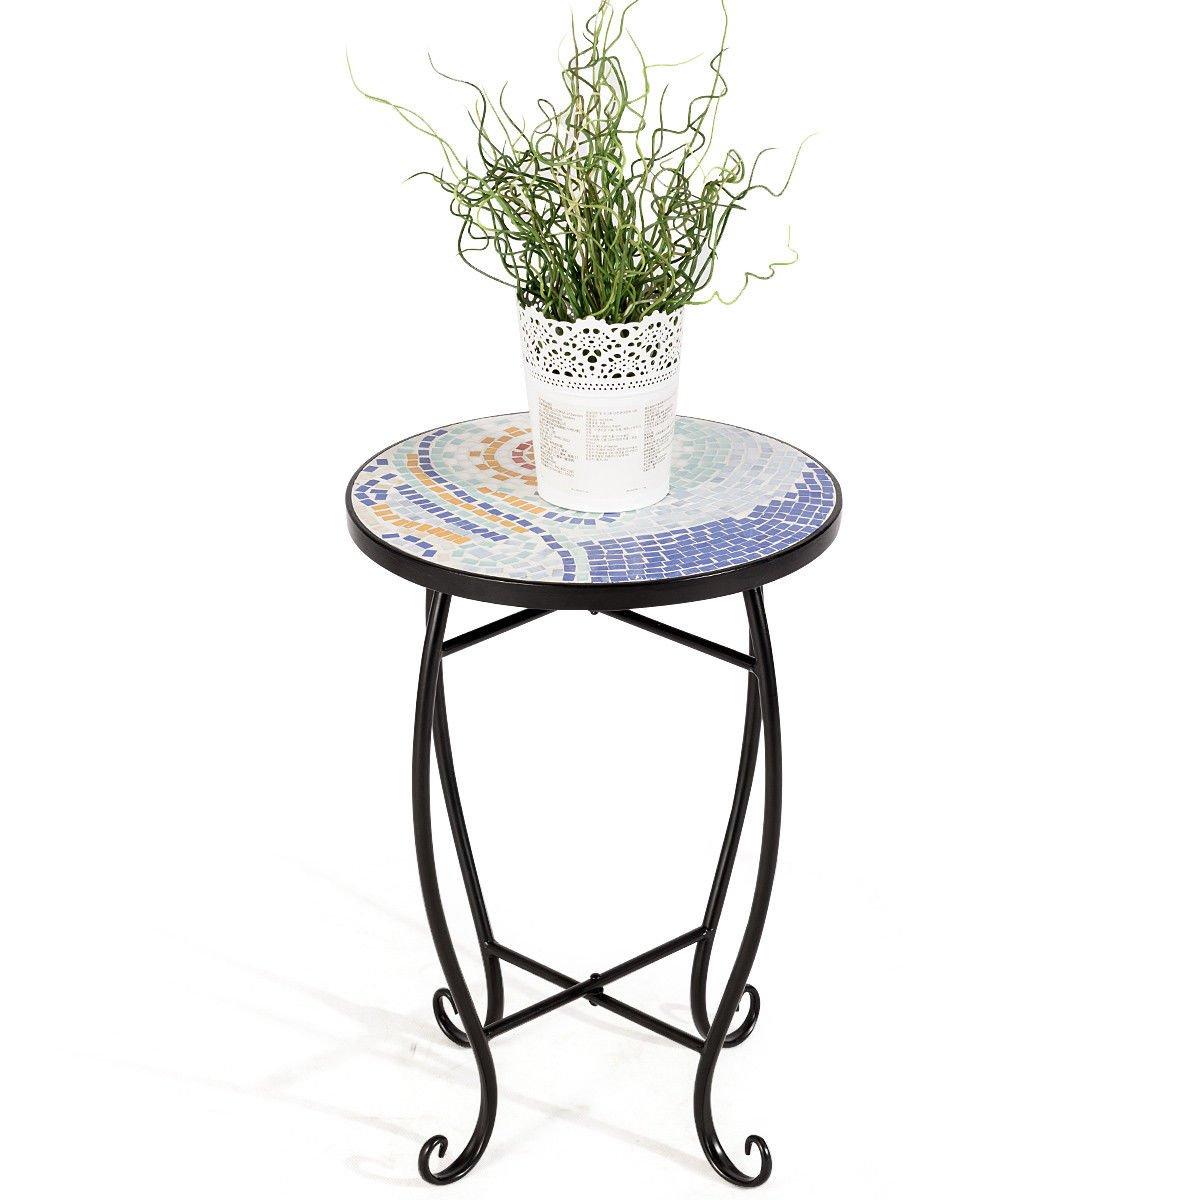 Ocean Accent Table Plant Stand Scheme Garden Steel Outdoor Indoor